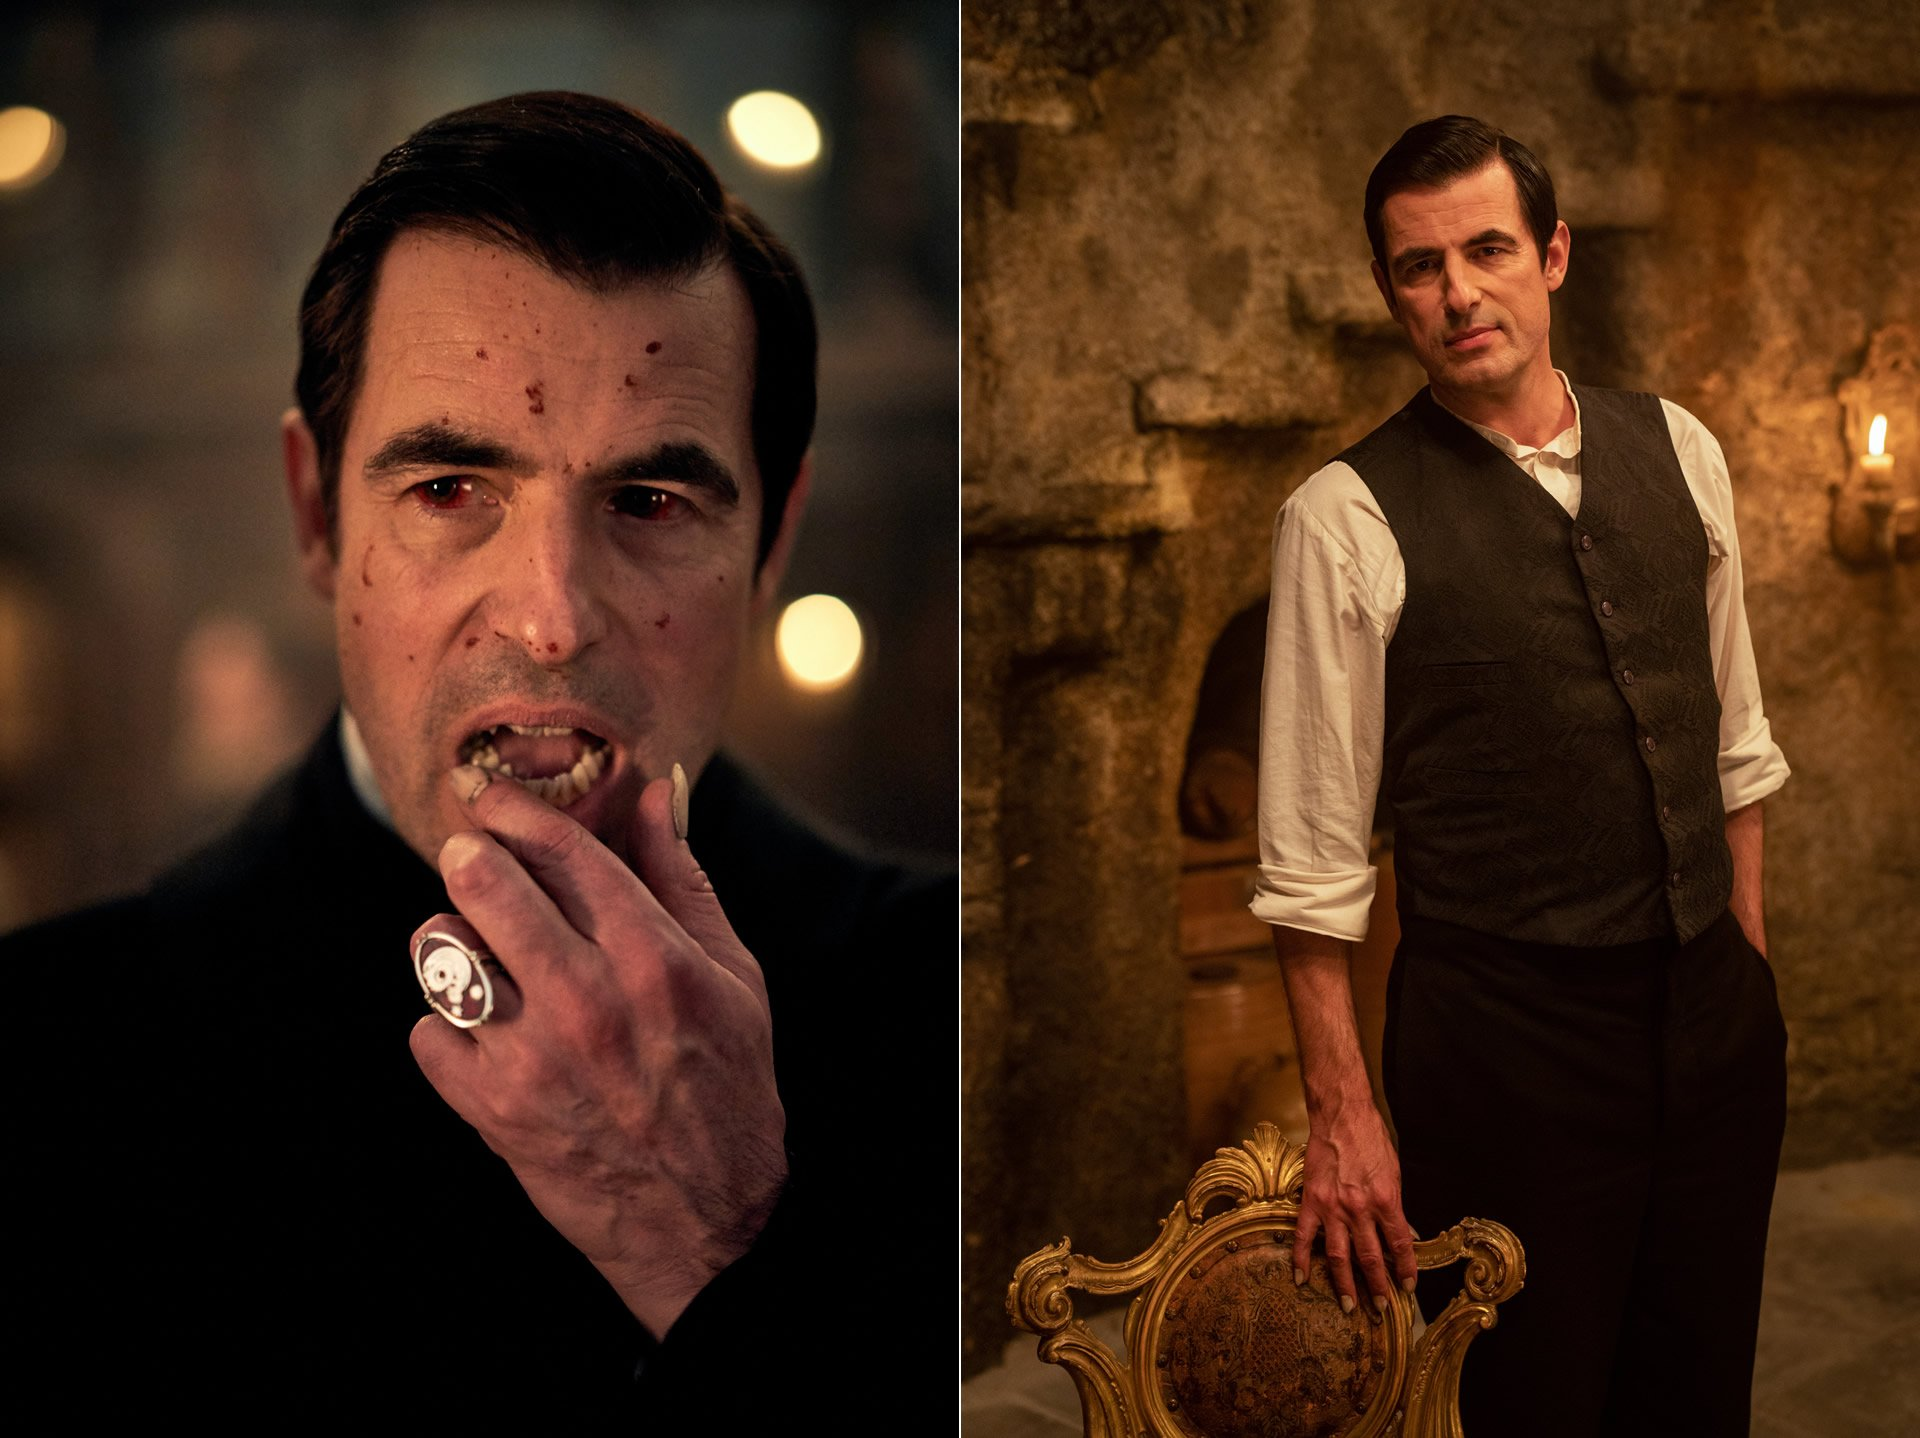 Claes Bang Dracula Netflix